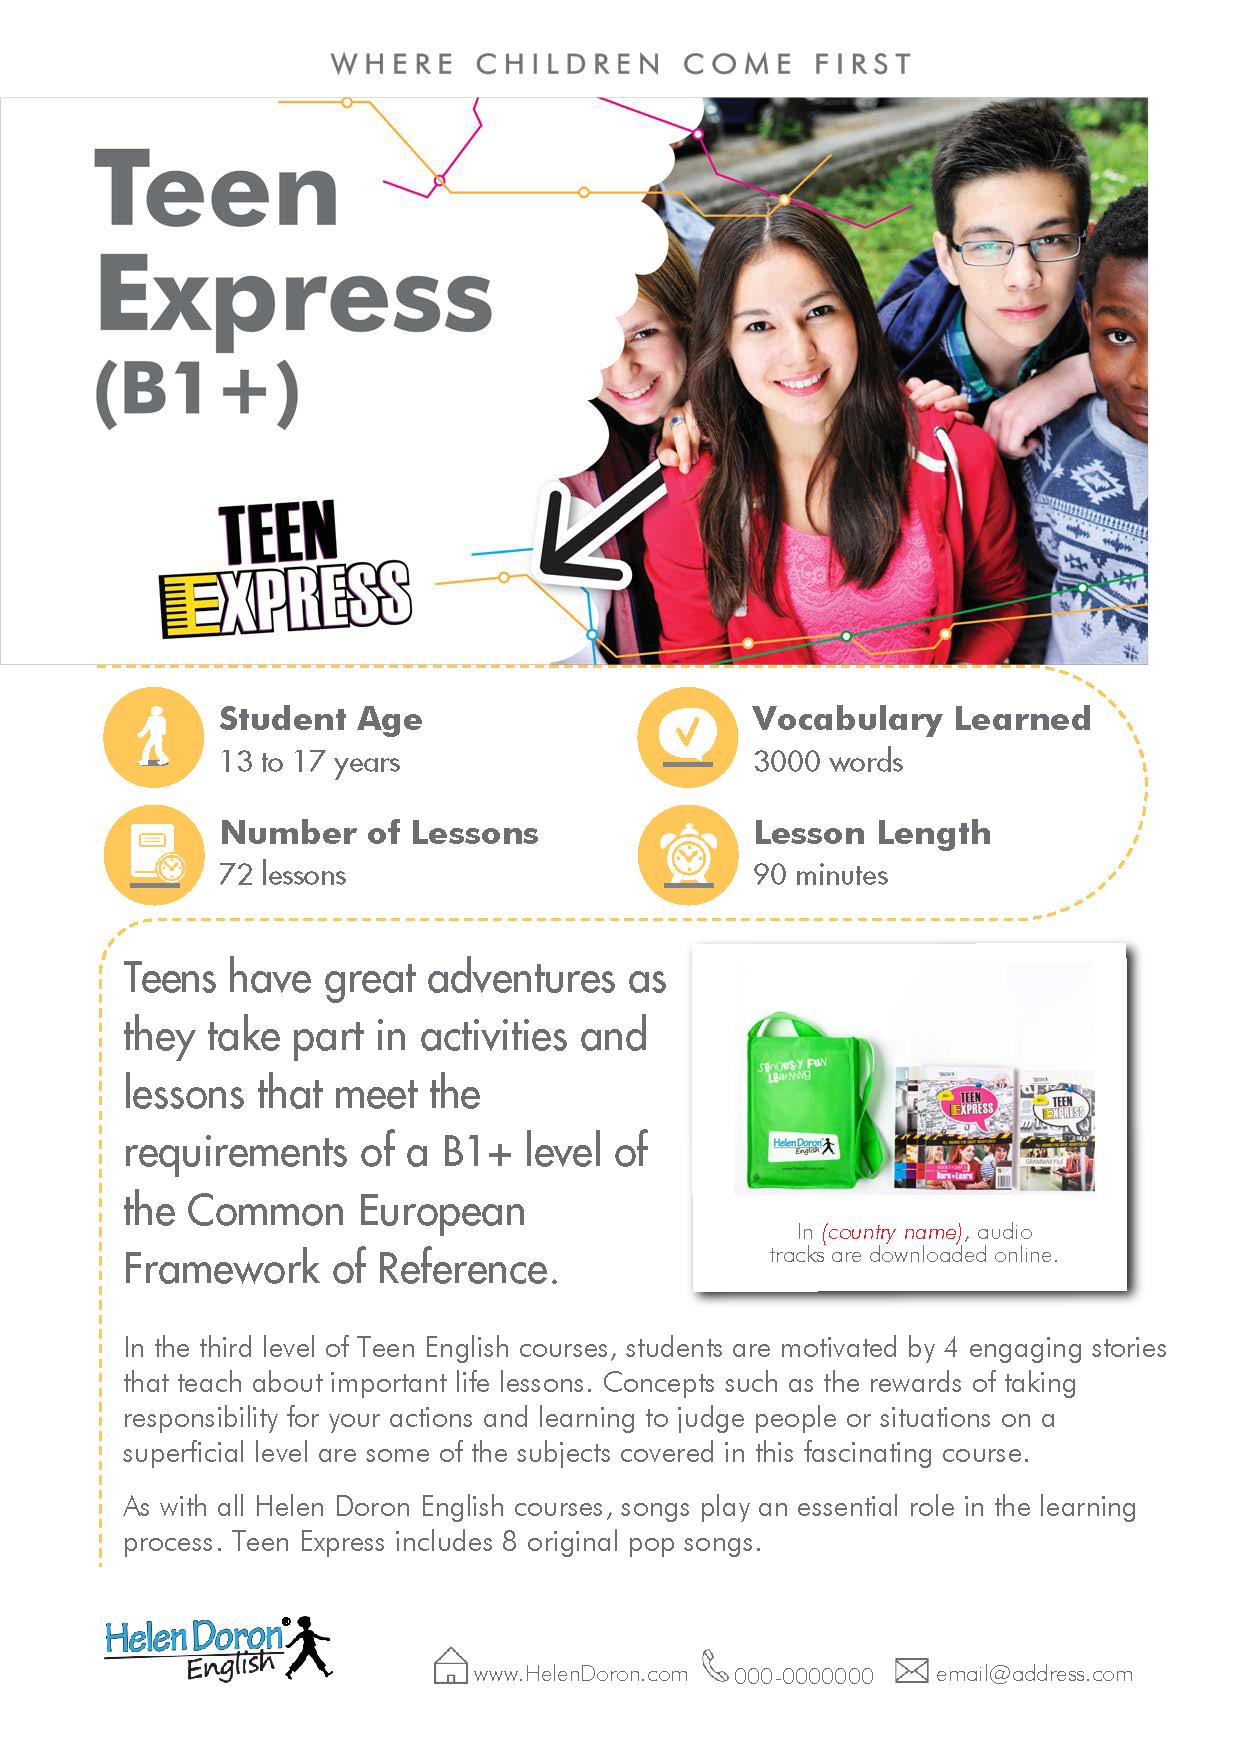 Descargar - Teen Express (B1+)